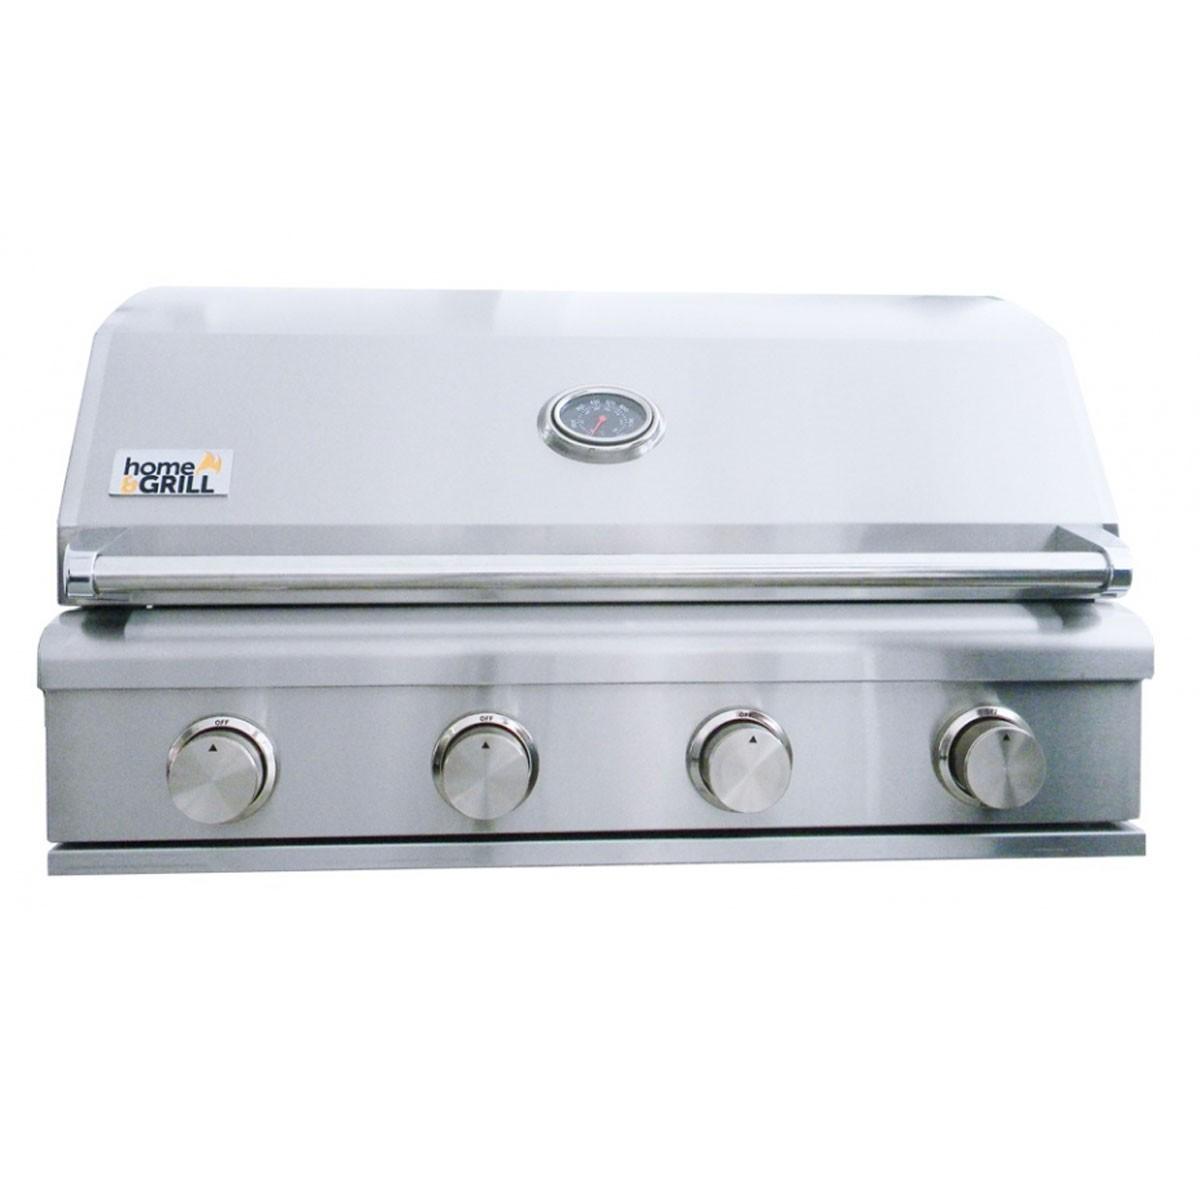 PROMOÇÃO Churrasqueira a Gás Home e Grill Smart HG-4BS - 4 Queimadores - 100% Inox 304 + Brindes